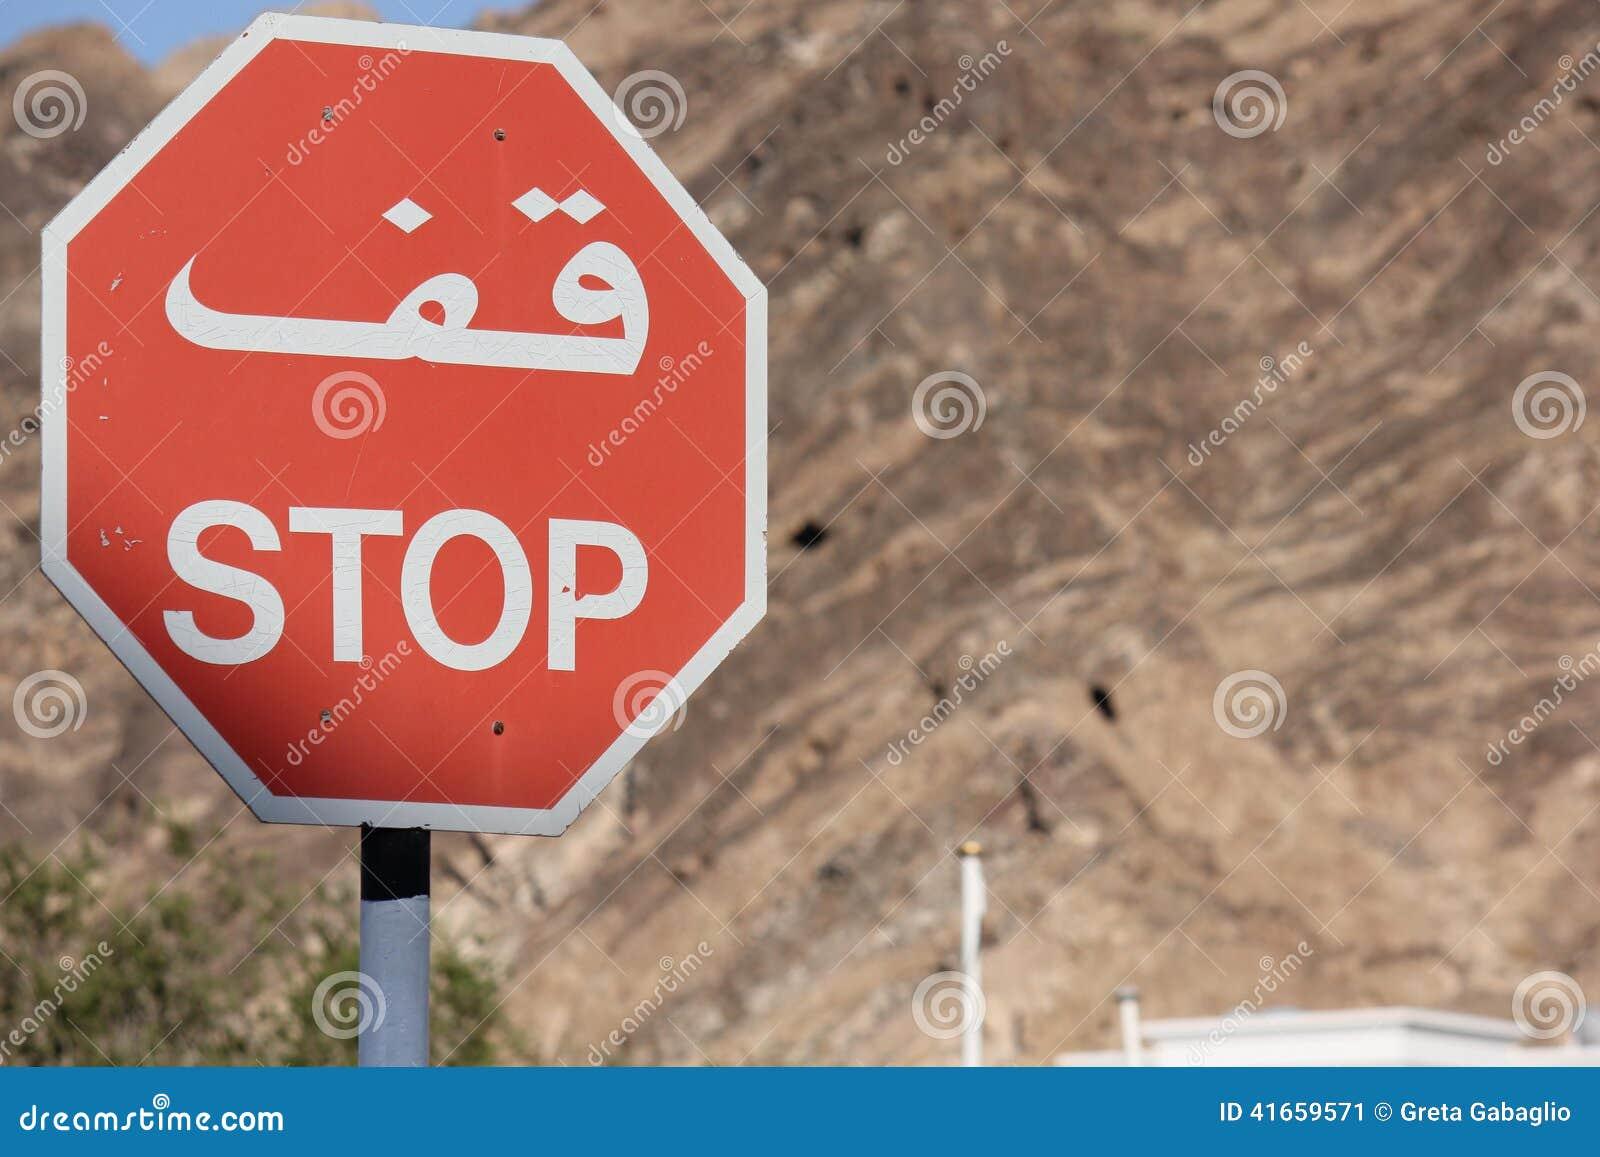 Оманский дорожный знак стопа